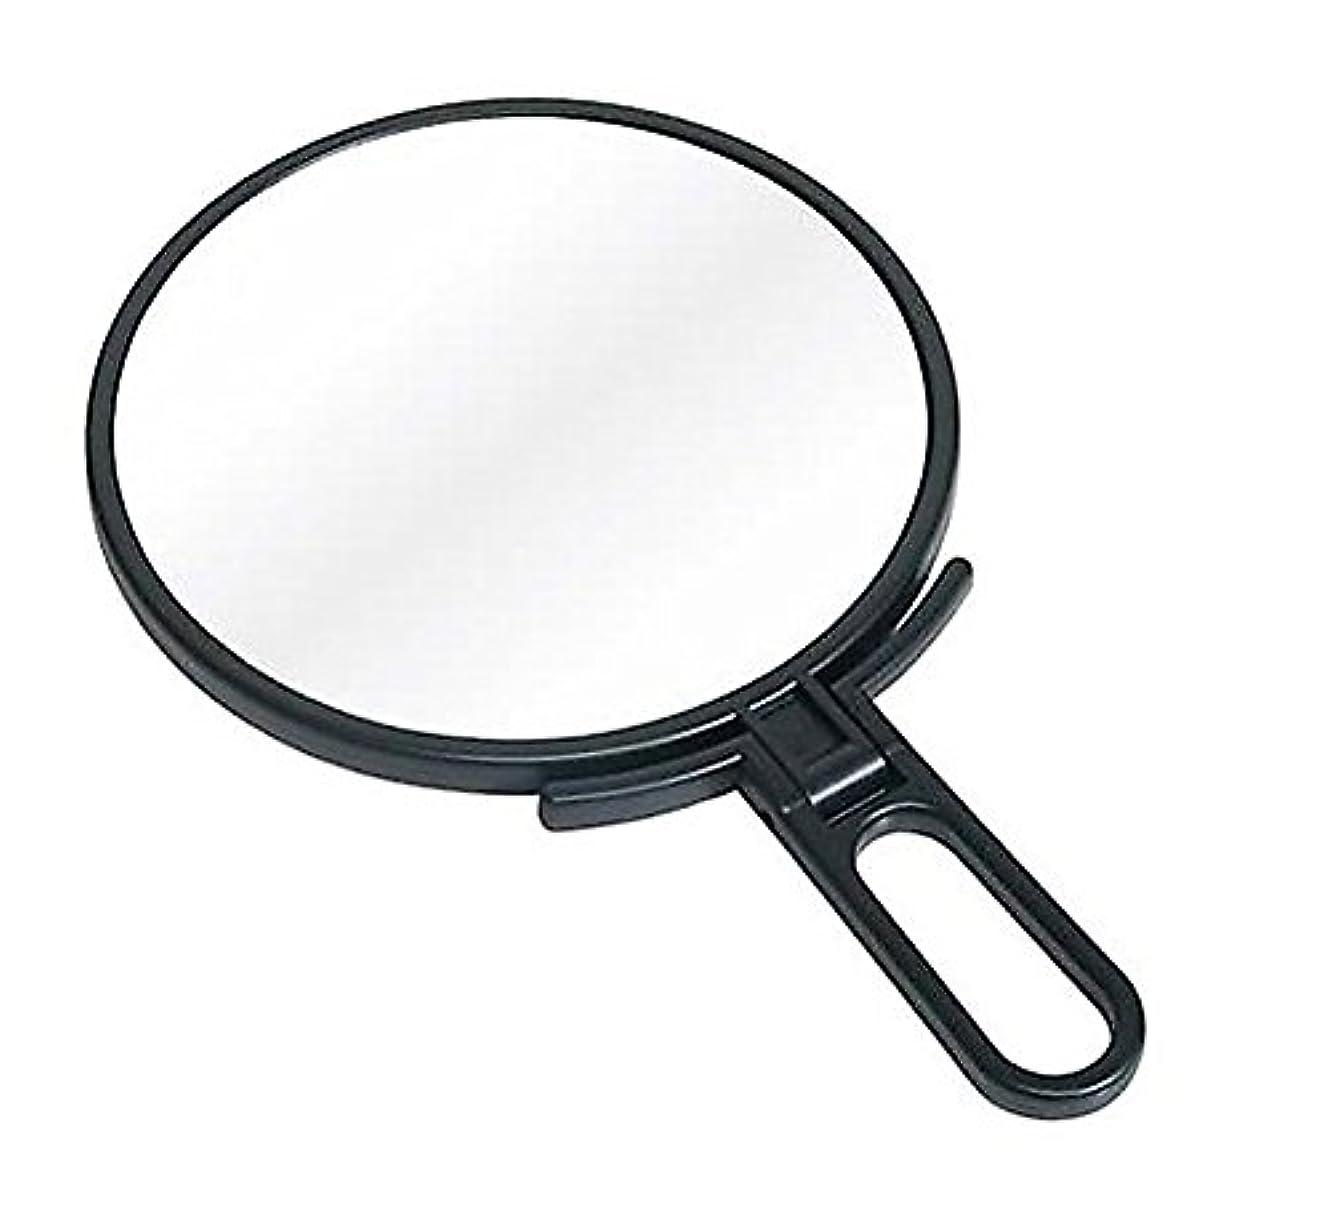 ポルノサーキットに行くへこみ鏡 ハンドミラー 折立 No.1500 ブラック